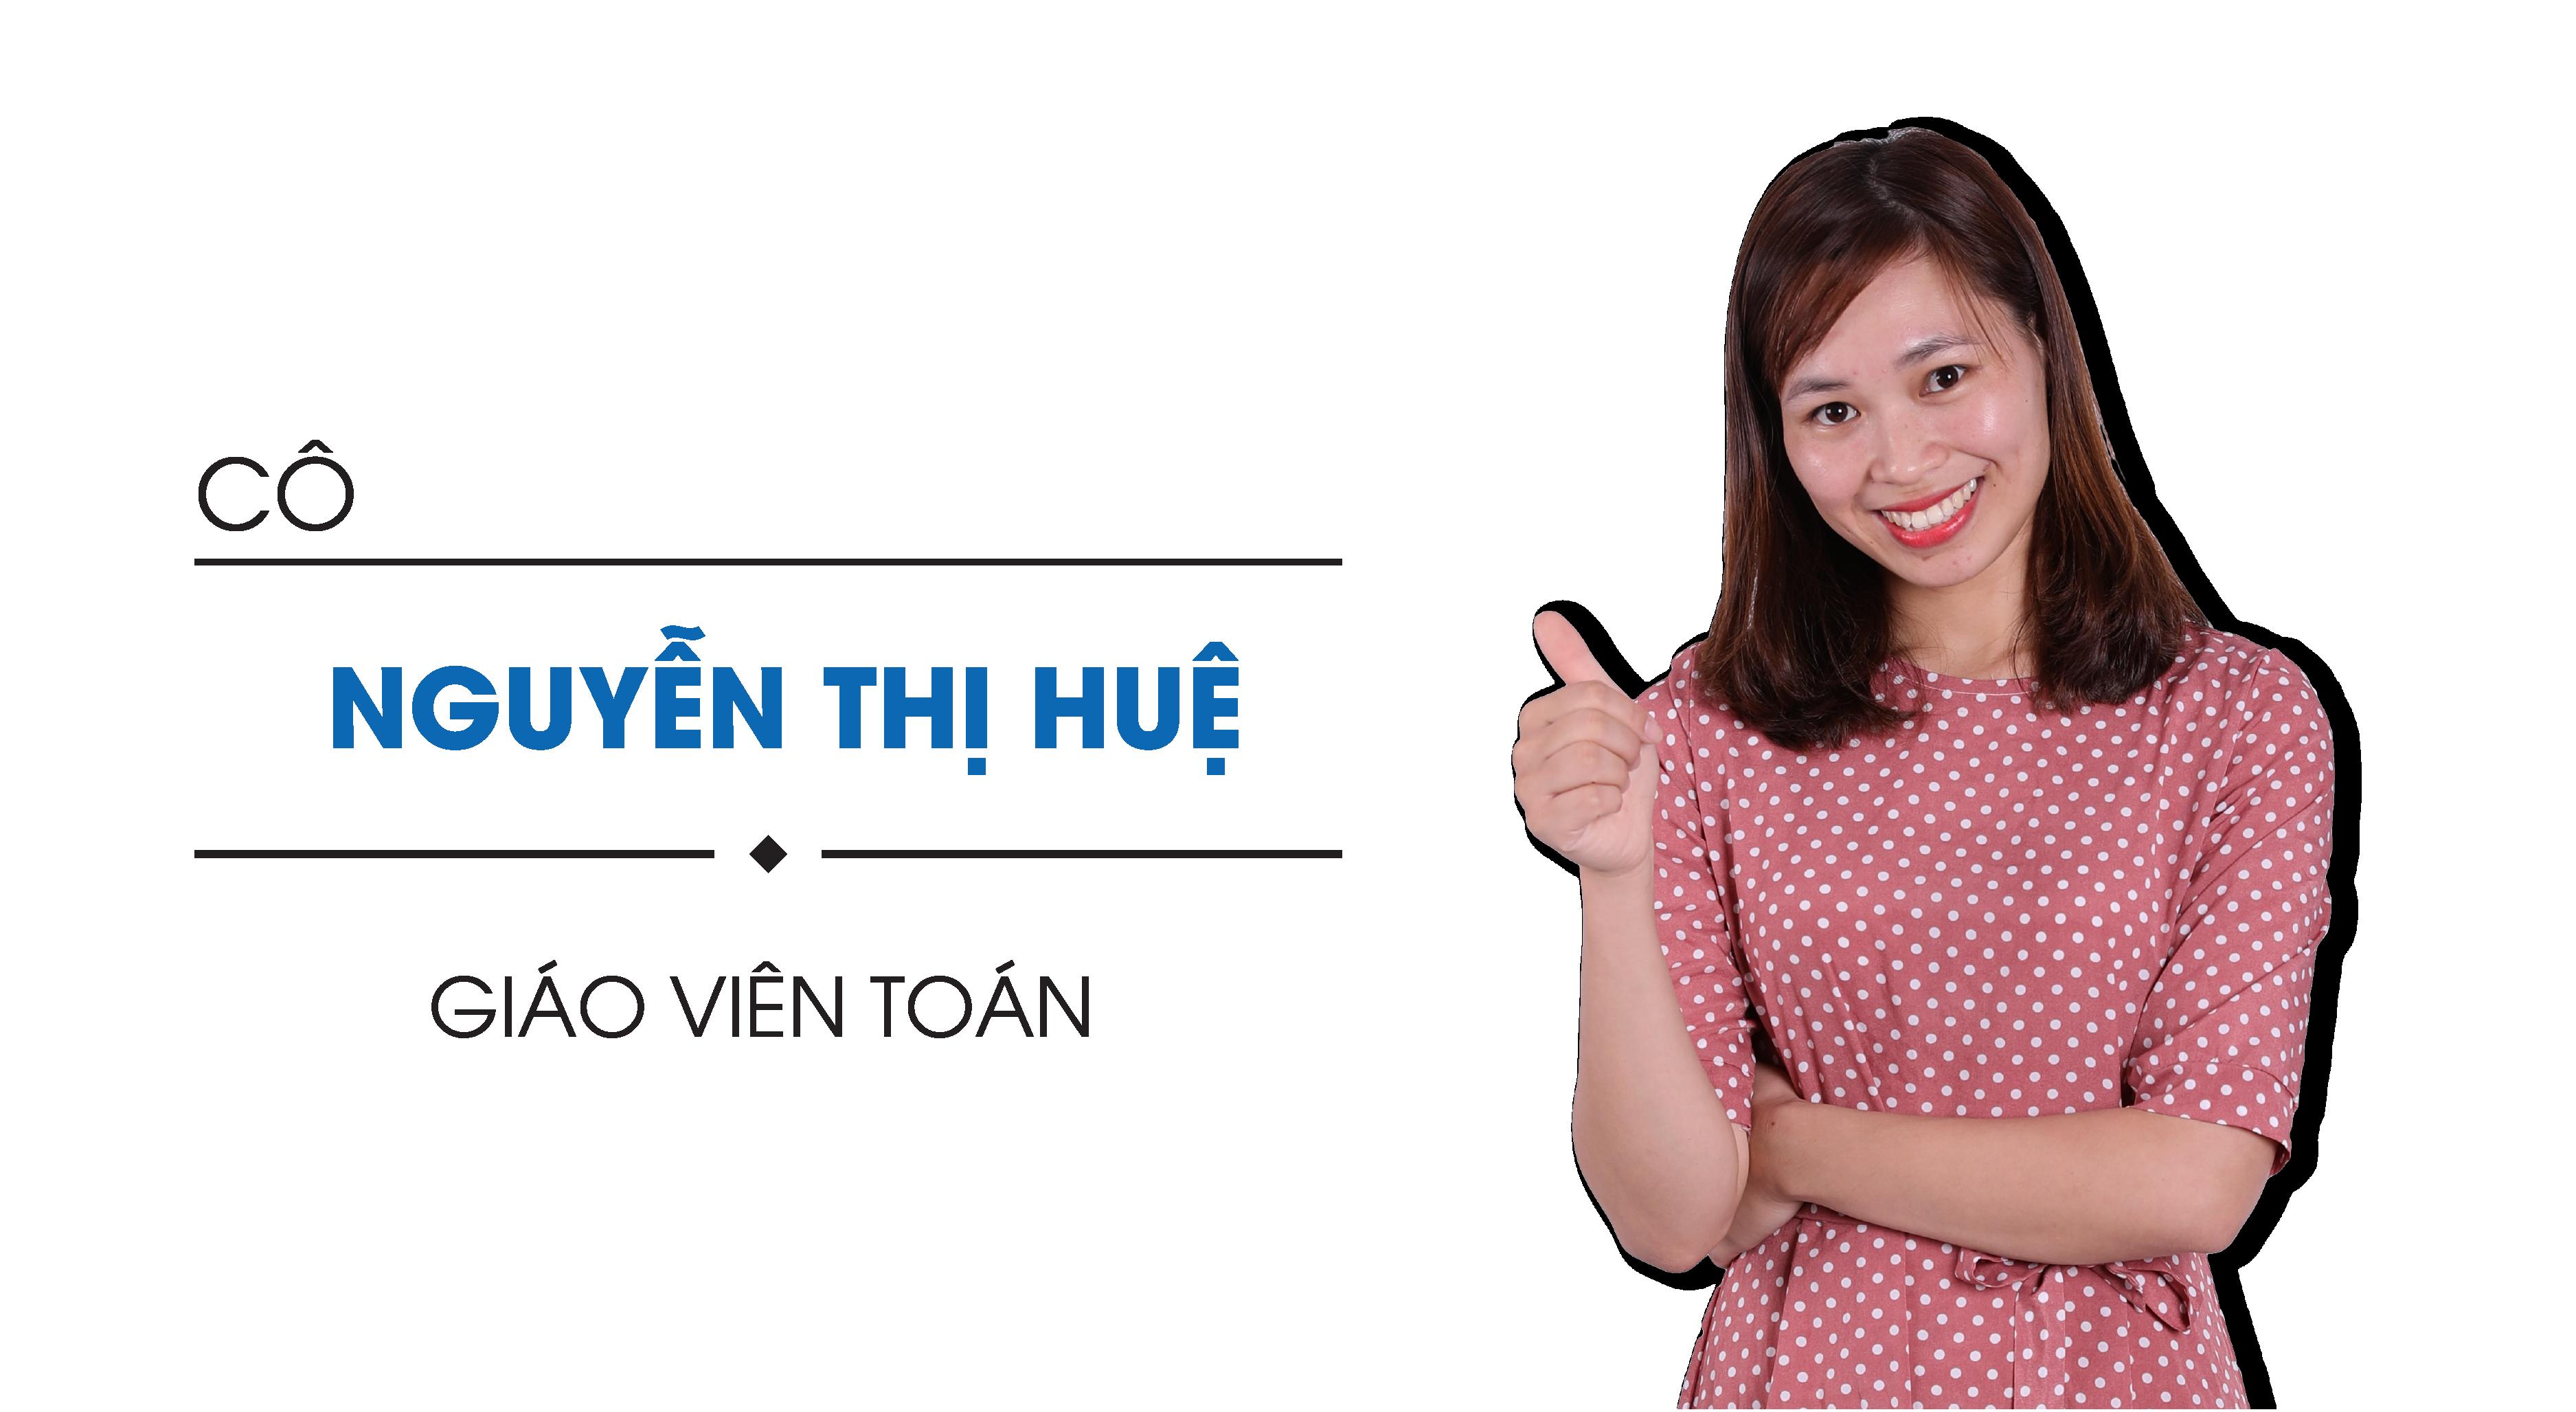 Nguyễn Thị Huệ